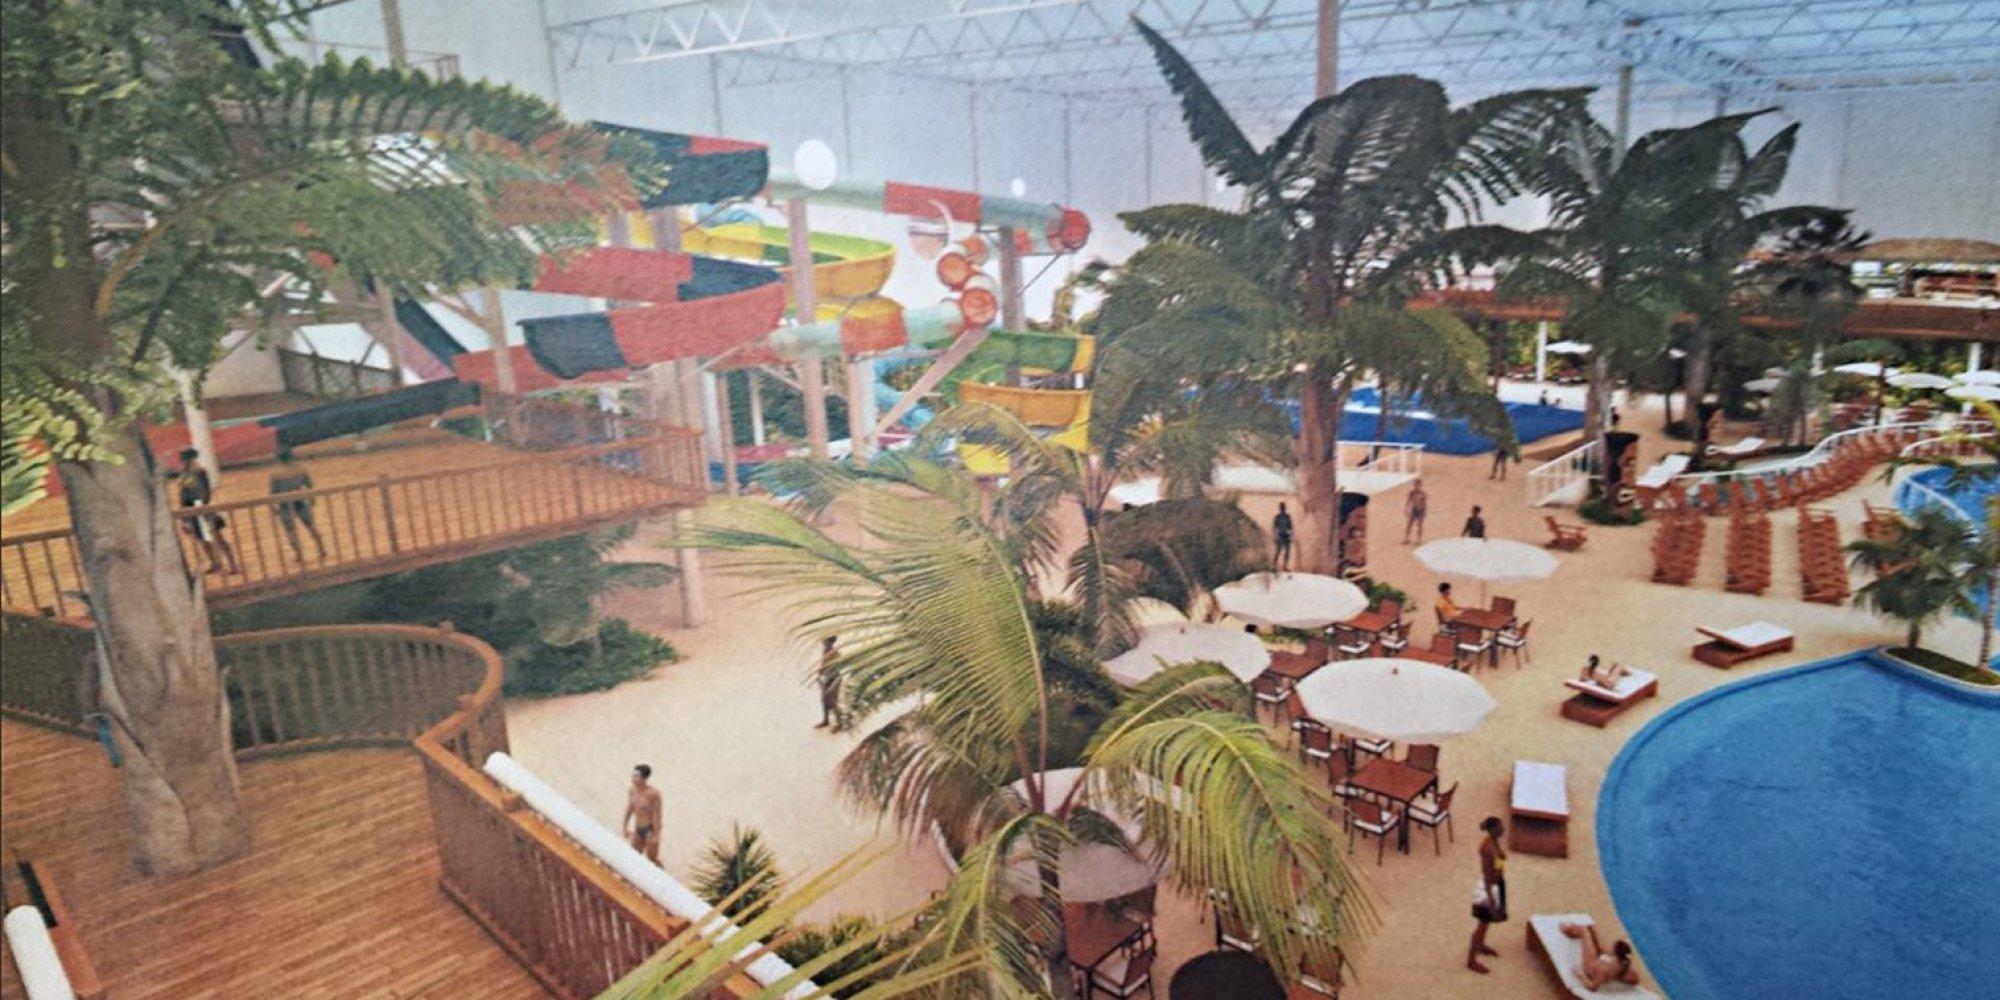 65 millions pour un parc aquatique couvert valcartier for Hotel parc aquatique interieur quebec